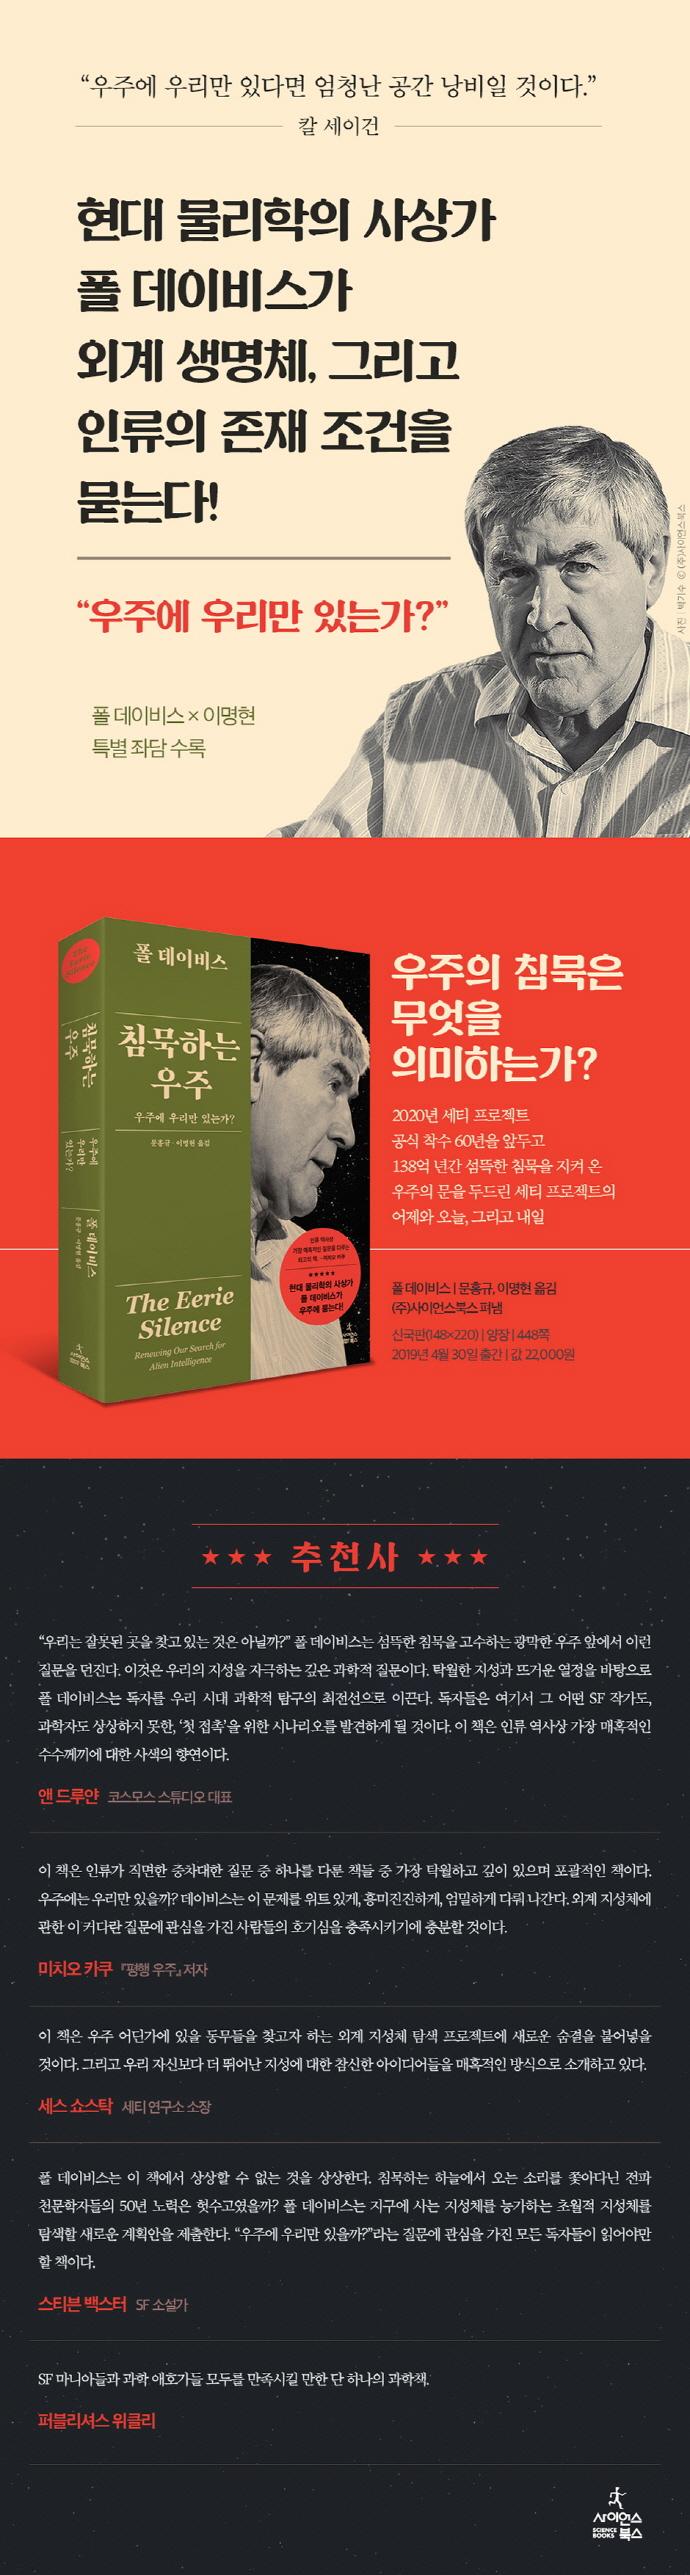 침묵하는 우주(양장본 HardCover) 도서 상세이미지